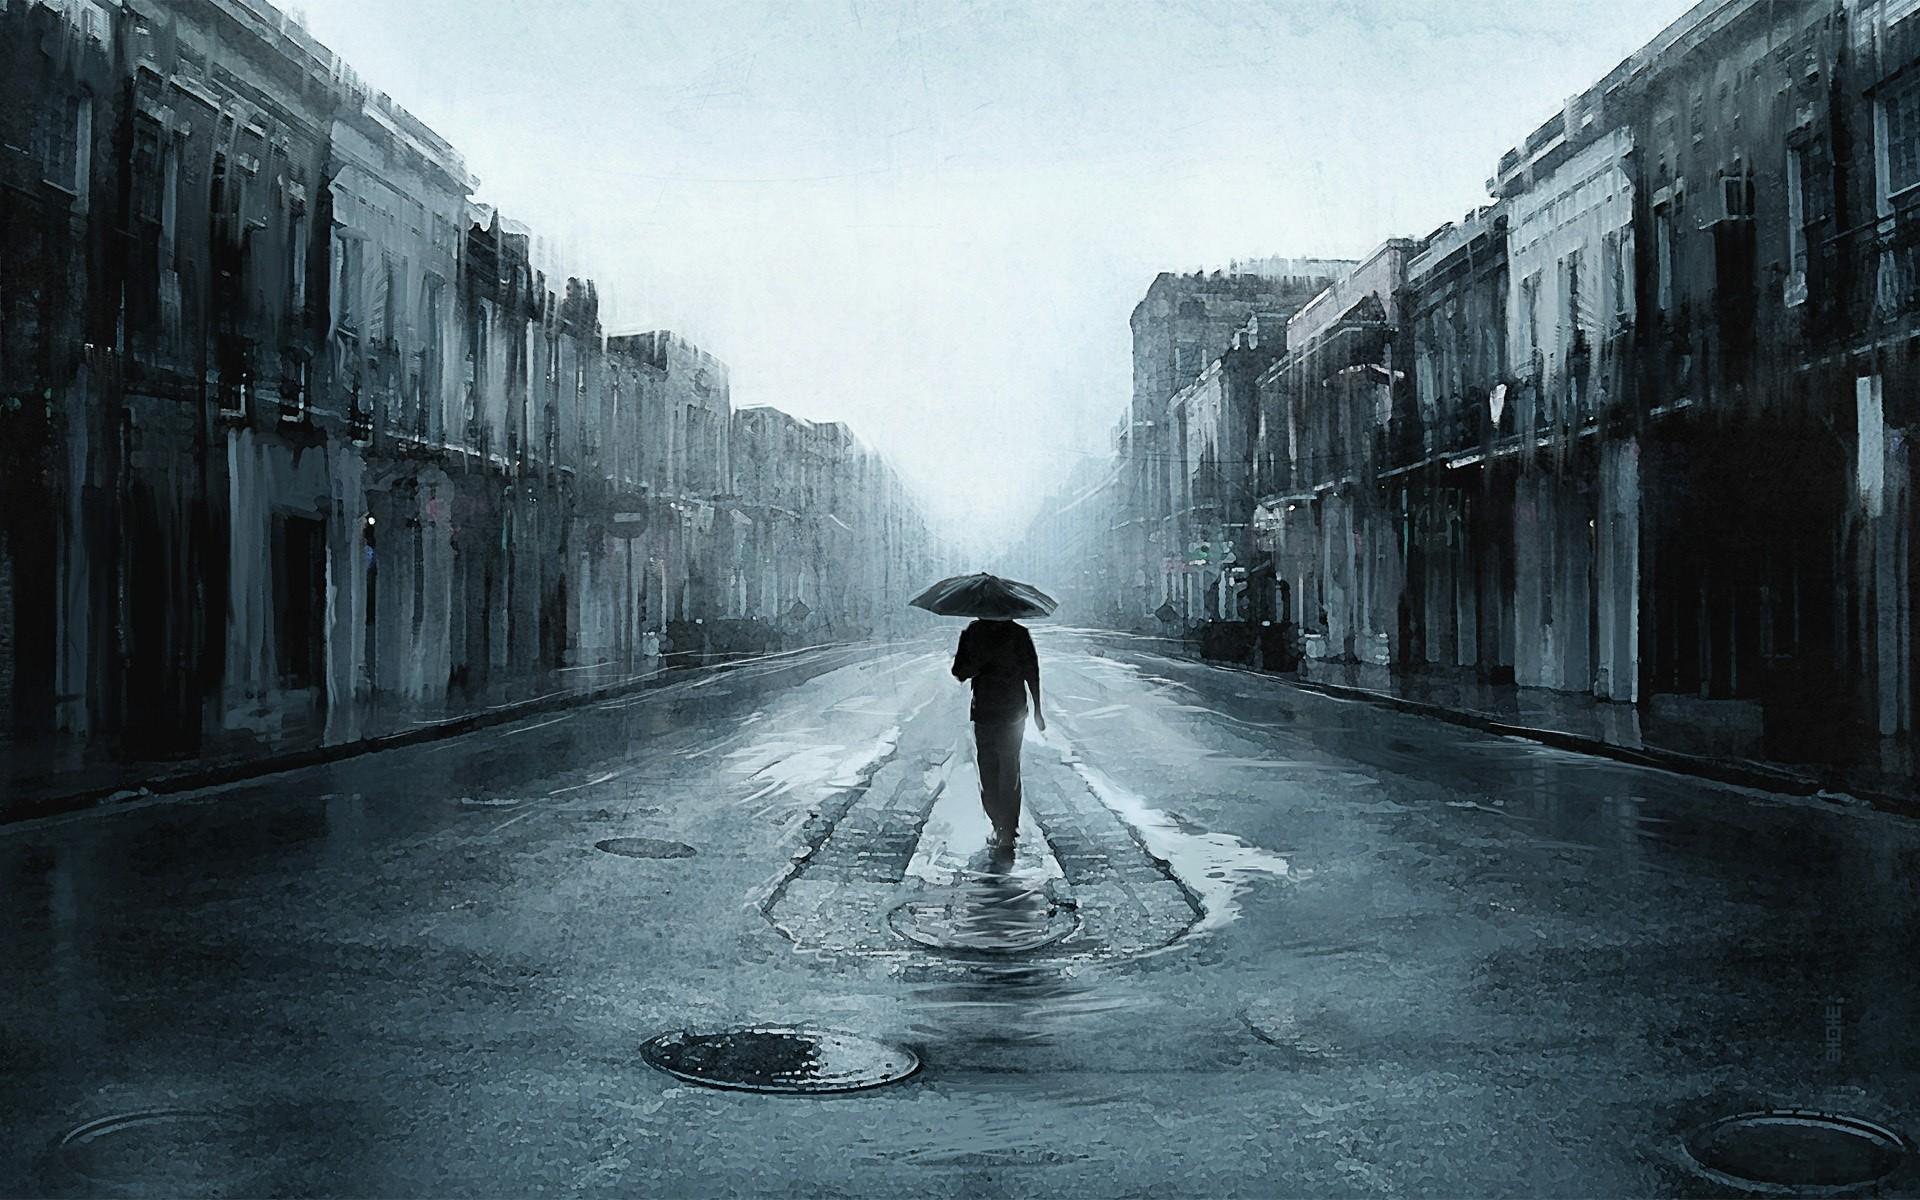 … rain wallpaper free download beautiful desktop wallpapers high …